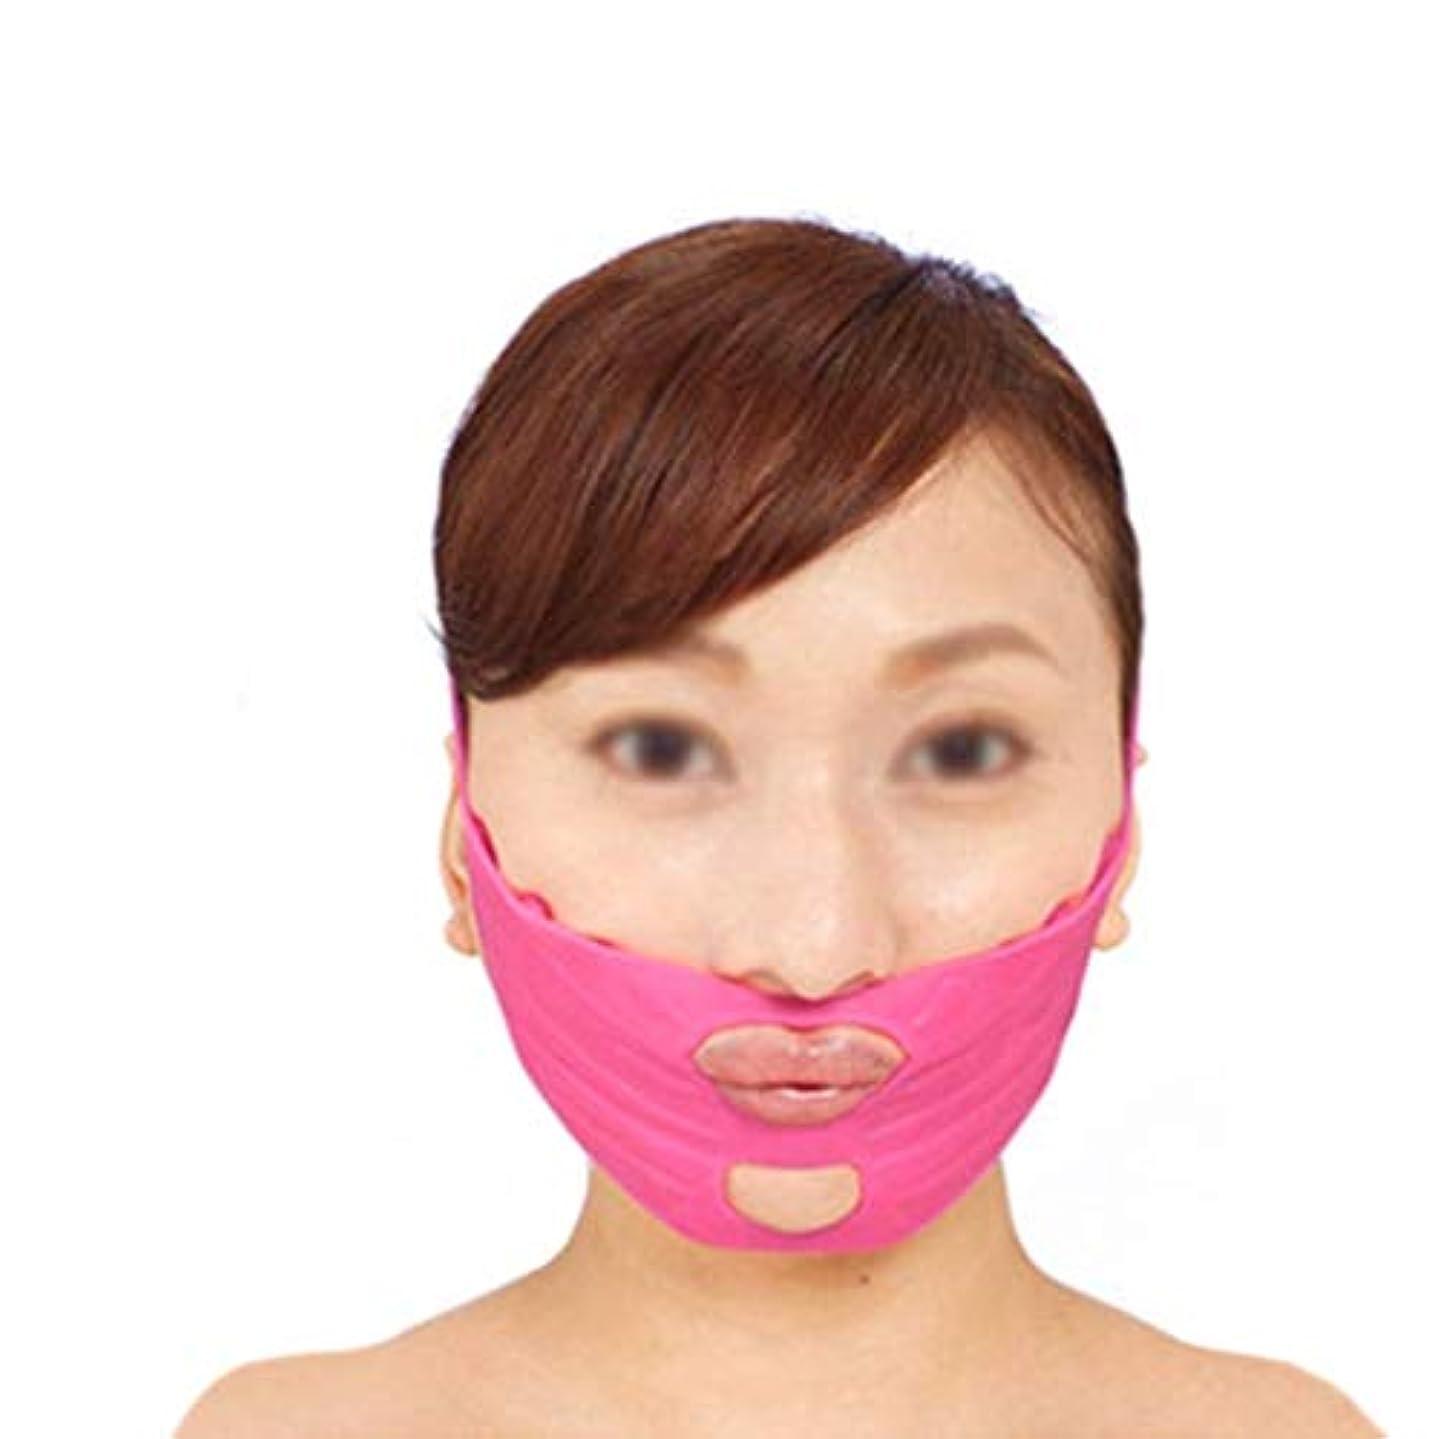 陪審バングラデシュ本体フェイスストラップ付きマスク、プルアップフェイスマスク、フェイスリフティングマスク、フェイスタイトニングバンデージ、フェイシャルリフティングバンデージ、ダブルチンを減らすためのリフティングフェイスバンド(ピンク、ワンサイズ)